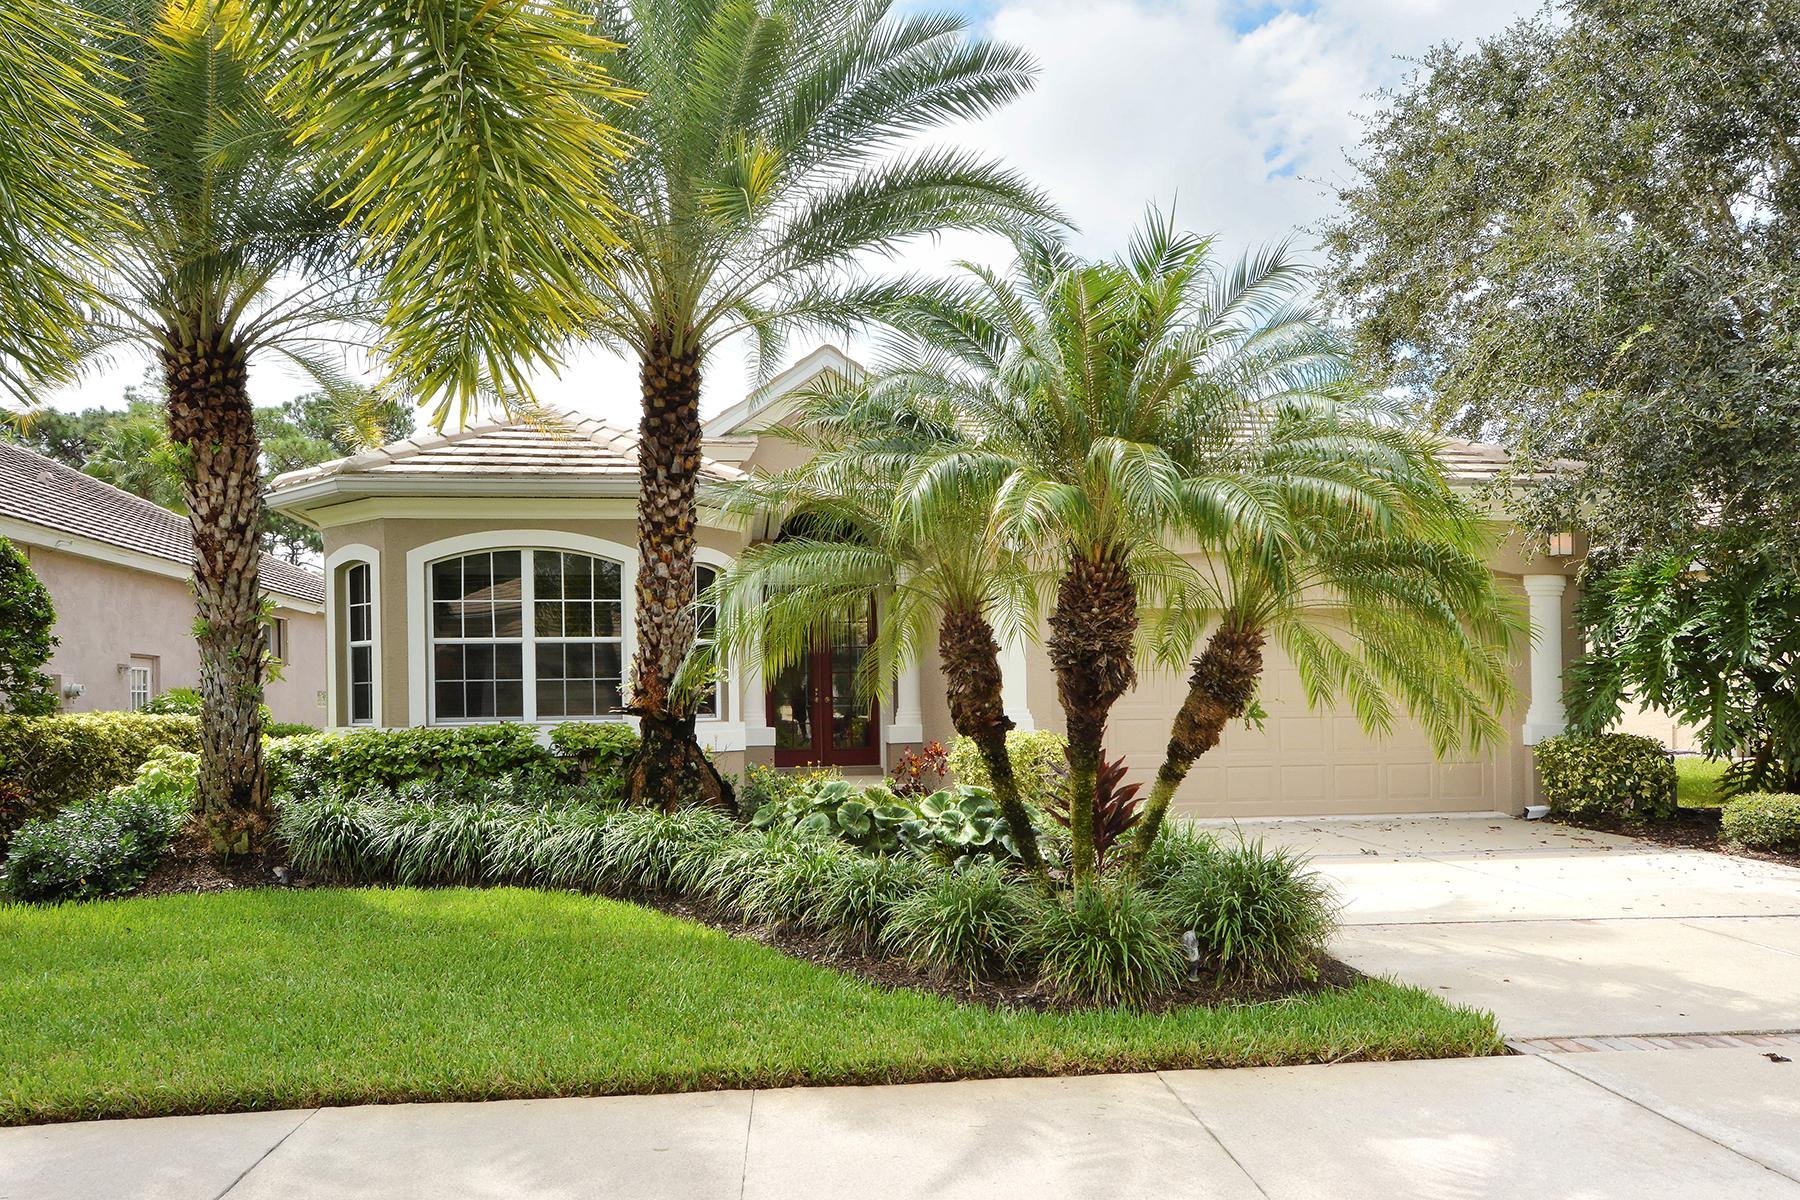 独户住宅 为 销售 在 OSPREY 201 Turquoise Ln Osprey, 佛罗里达州, 34229 美国